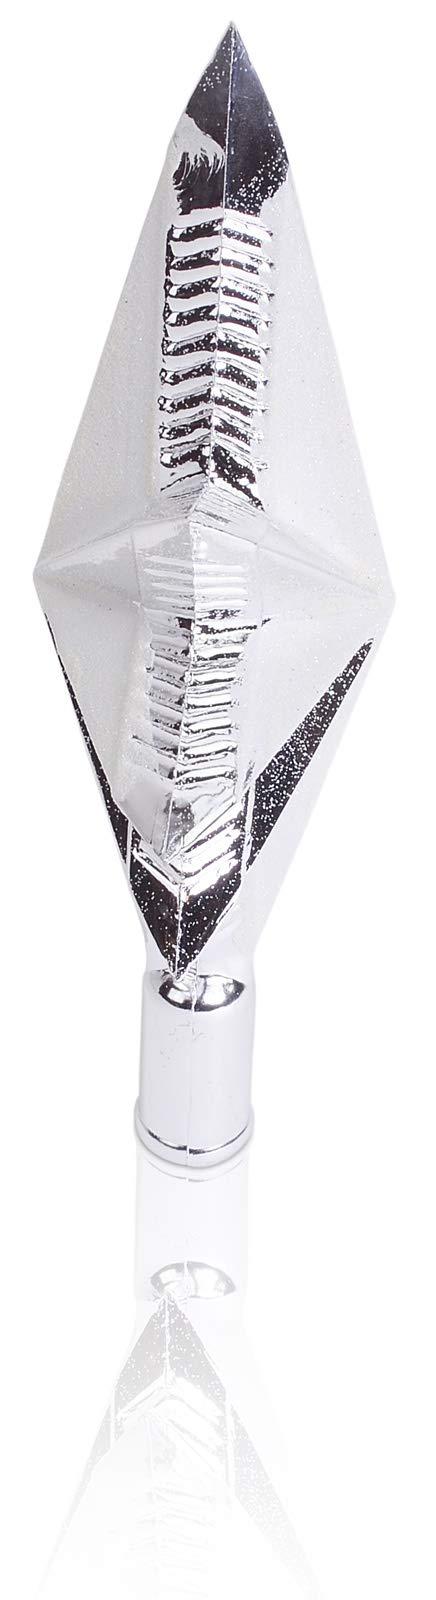 CHICCIE-Christbaumspitze-Glitzer-Stern-Silber-25cm-Weihnachtsbaumspitze-Baumspitze-Spitze